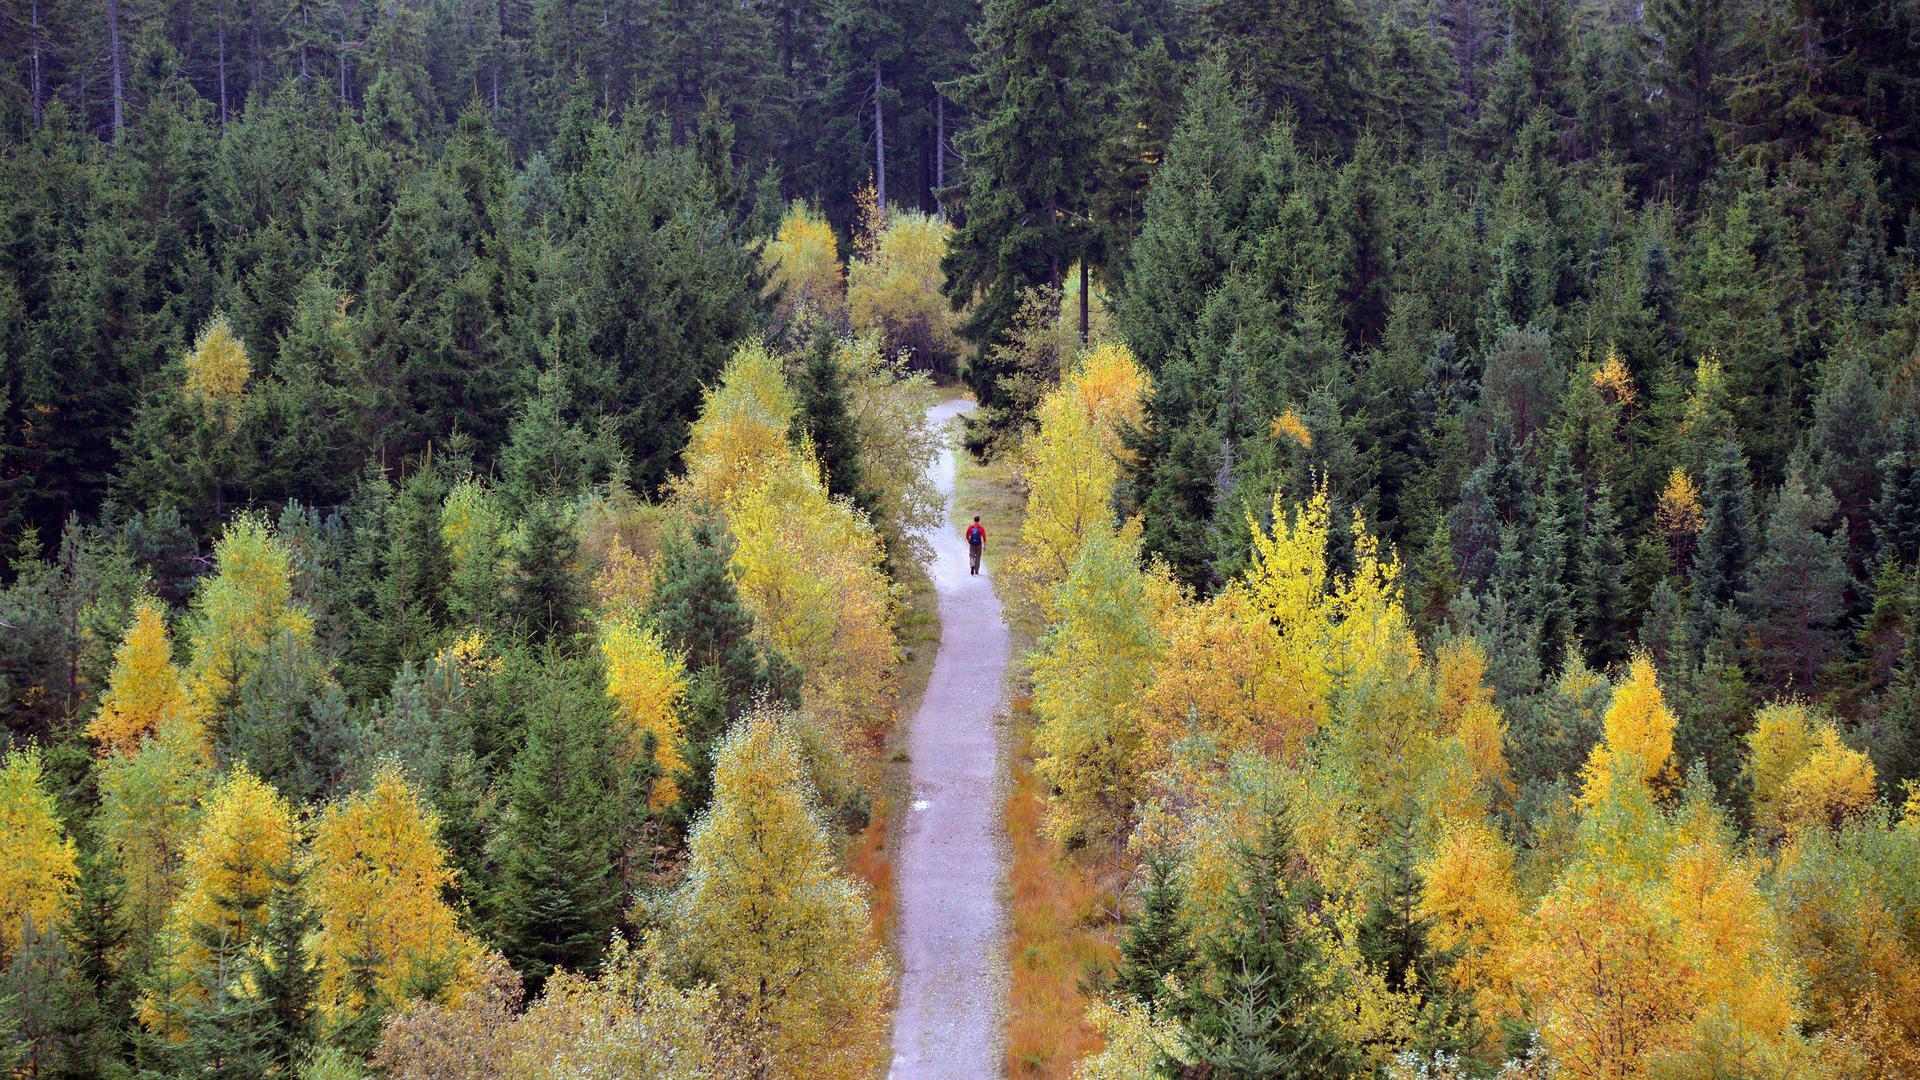 Ein Wanderer geht am 22.10.2013 beim Naturschutzzentrum Kaltenbronn (Baden-Württemberg) im Schwarzwald einen Weg entlang, an dem herbstlich verfärbte Bäume stehen. Foto: Uli Deck/dpa +++(c) dpa - Bildfunk+++